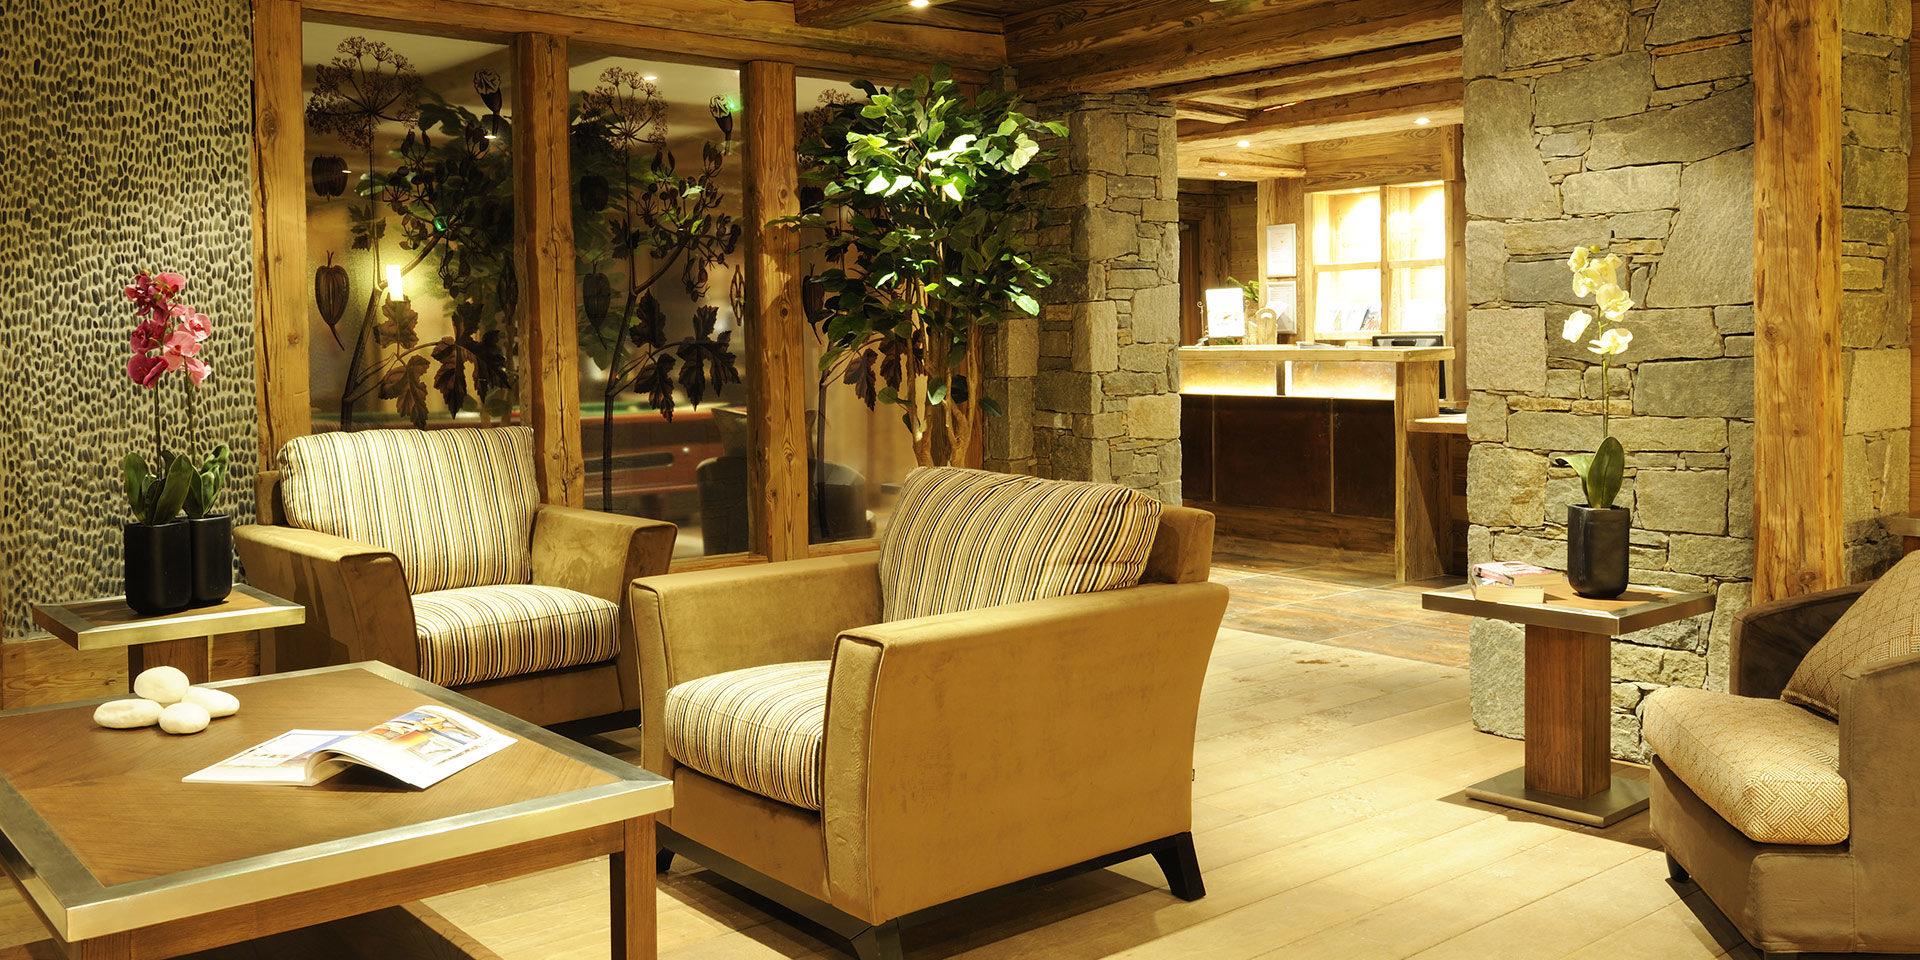 CGH L'Oree des Neiges Vallandry Paradiski Frankrijk wintersport skivakantie luxe receptie fauteuils Orchidee stenen muren hout planten raam